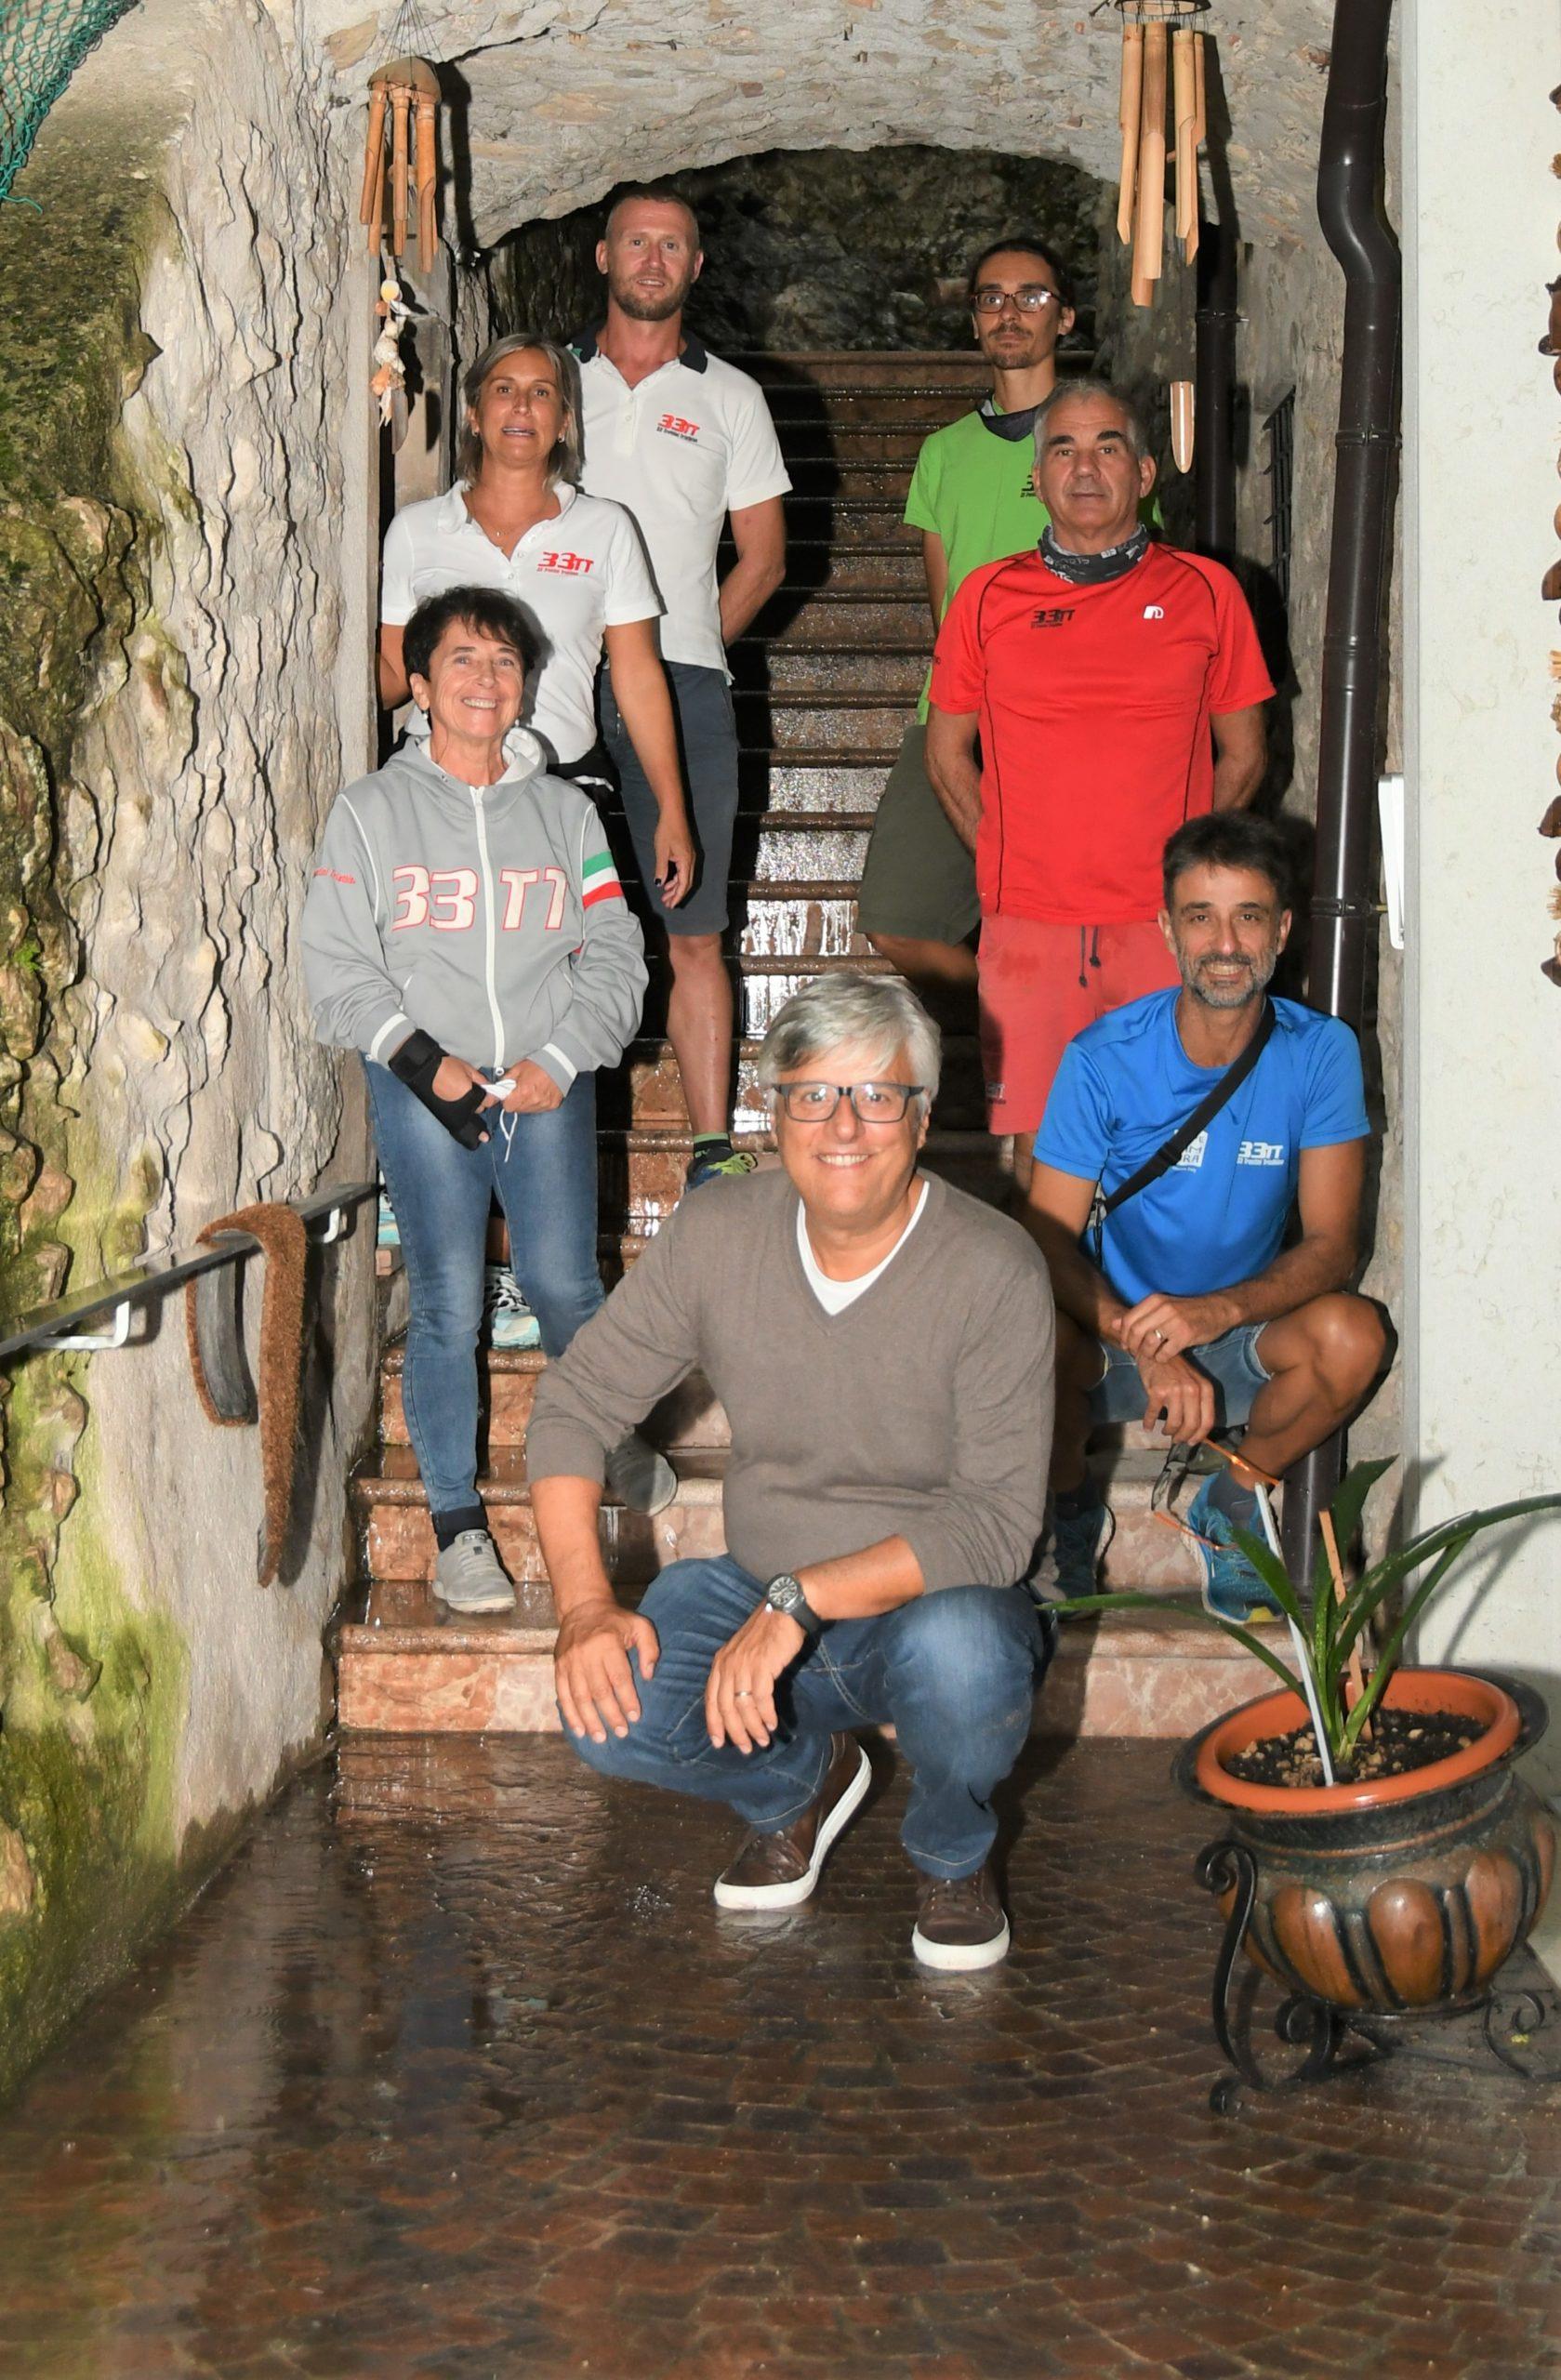 Il presidente FITRI Bianchi incontra gli amici della 33TT